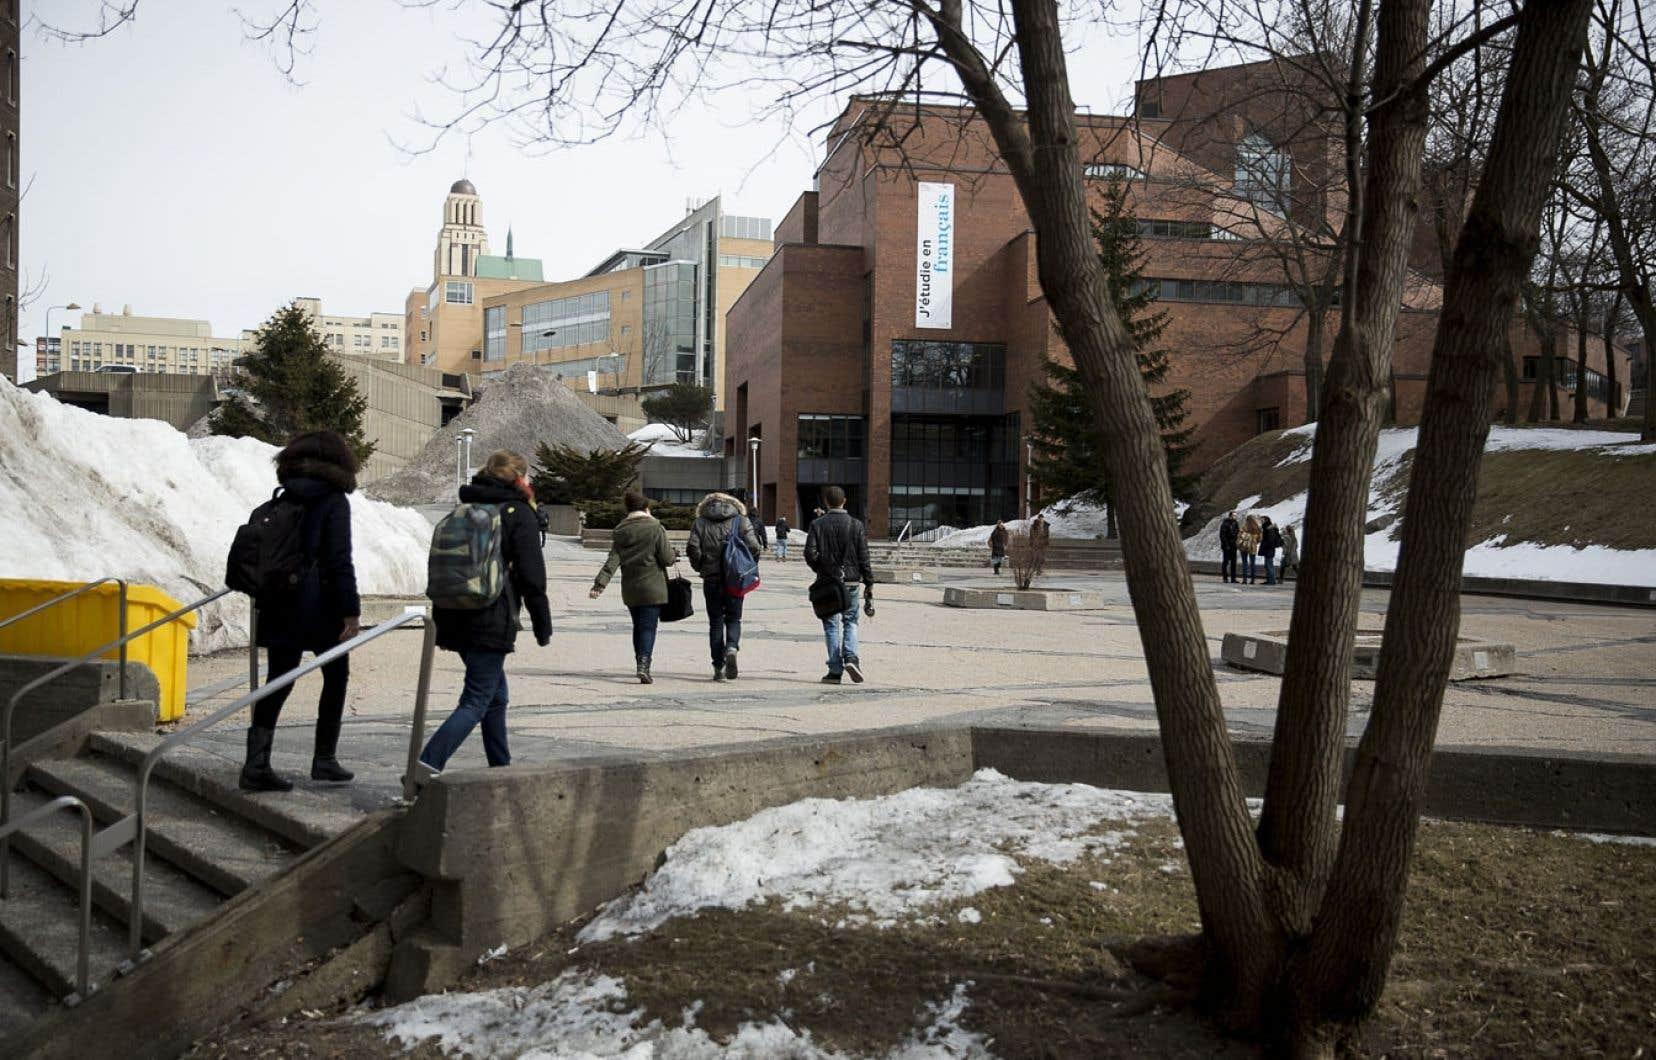 Les universités doivent se tenir, comme le font les professeurs d'université au sein de leur fédération, comme l'ont fait les étudiants. Ci-haut, le campus de l'Université de Montréal